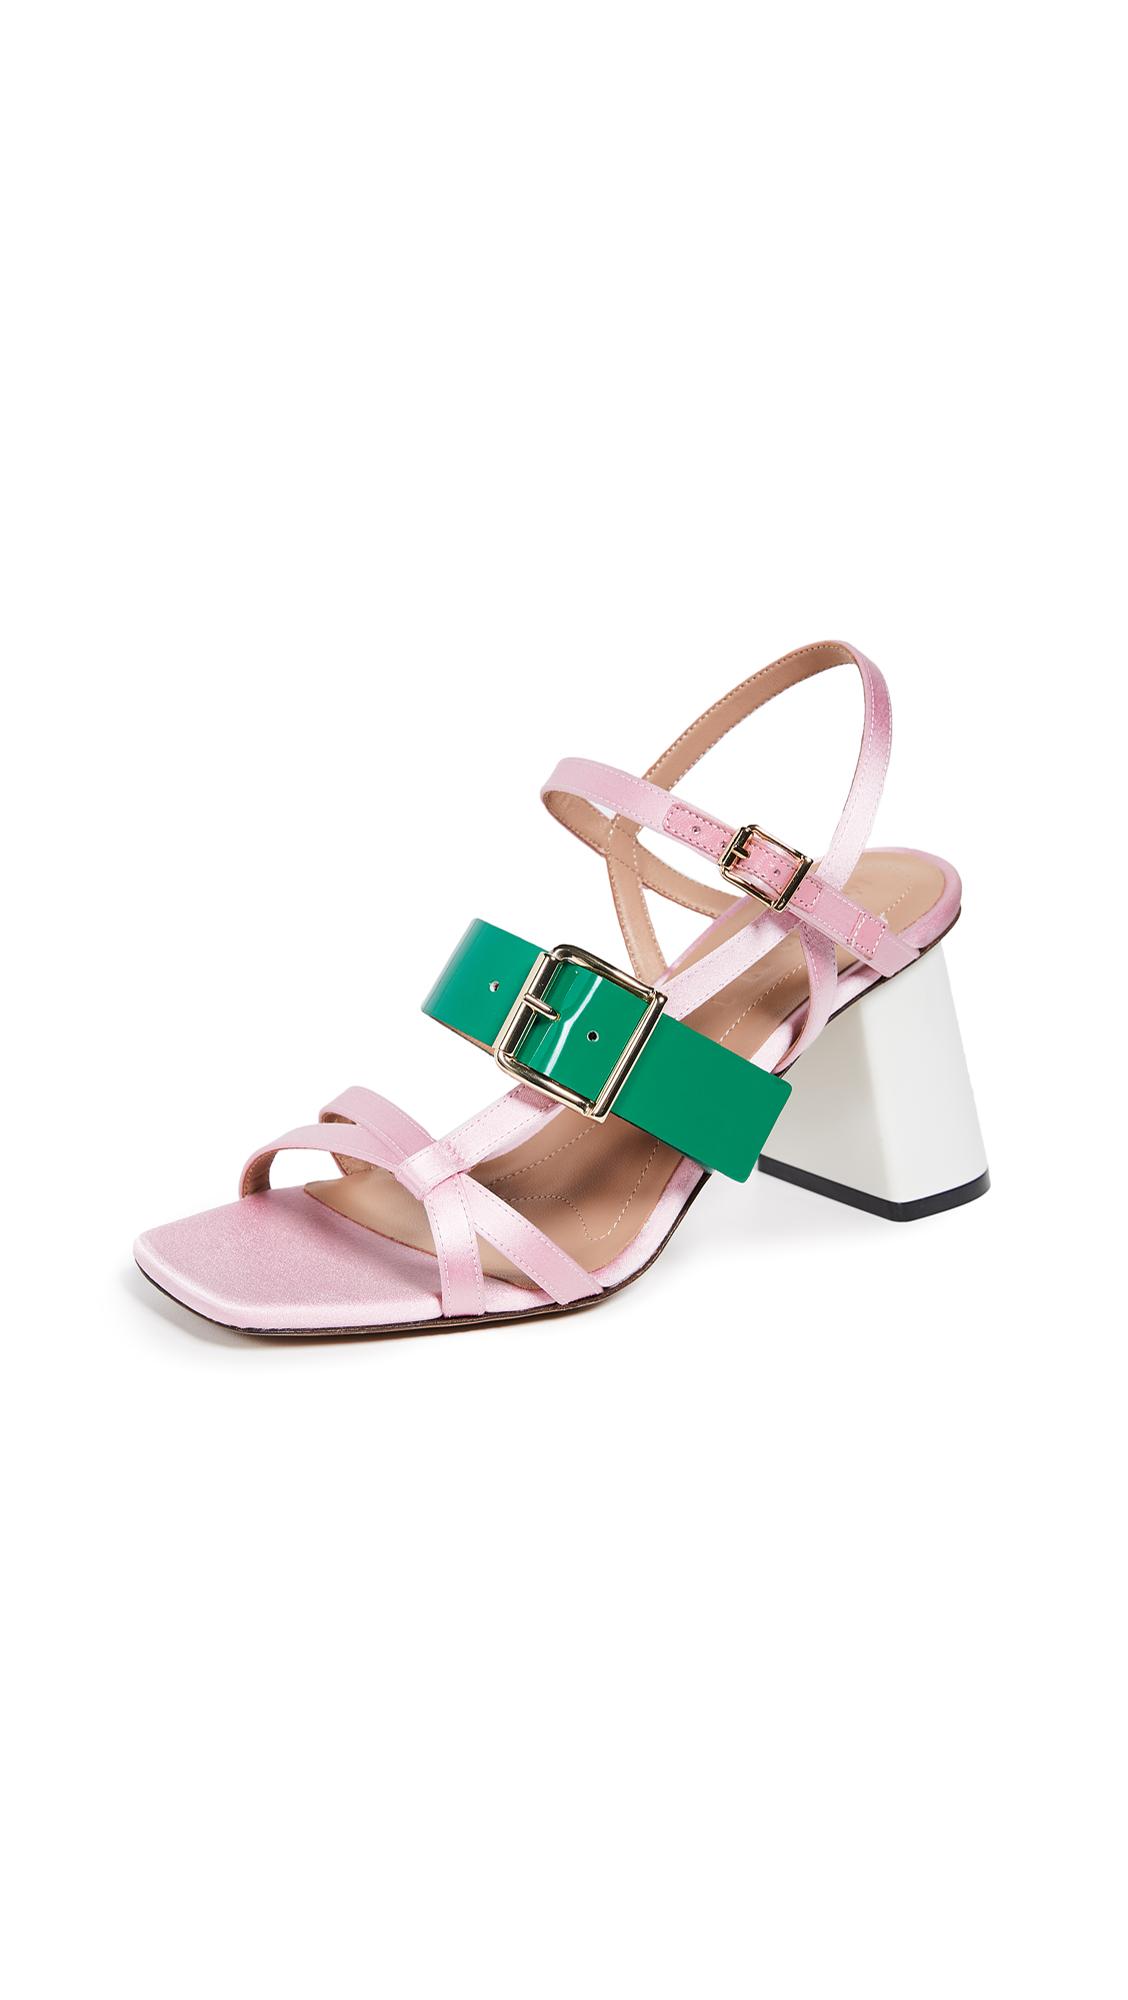 Marni High Heel Sandals - Light Pink/Forest Green